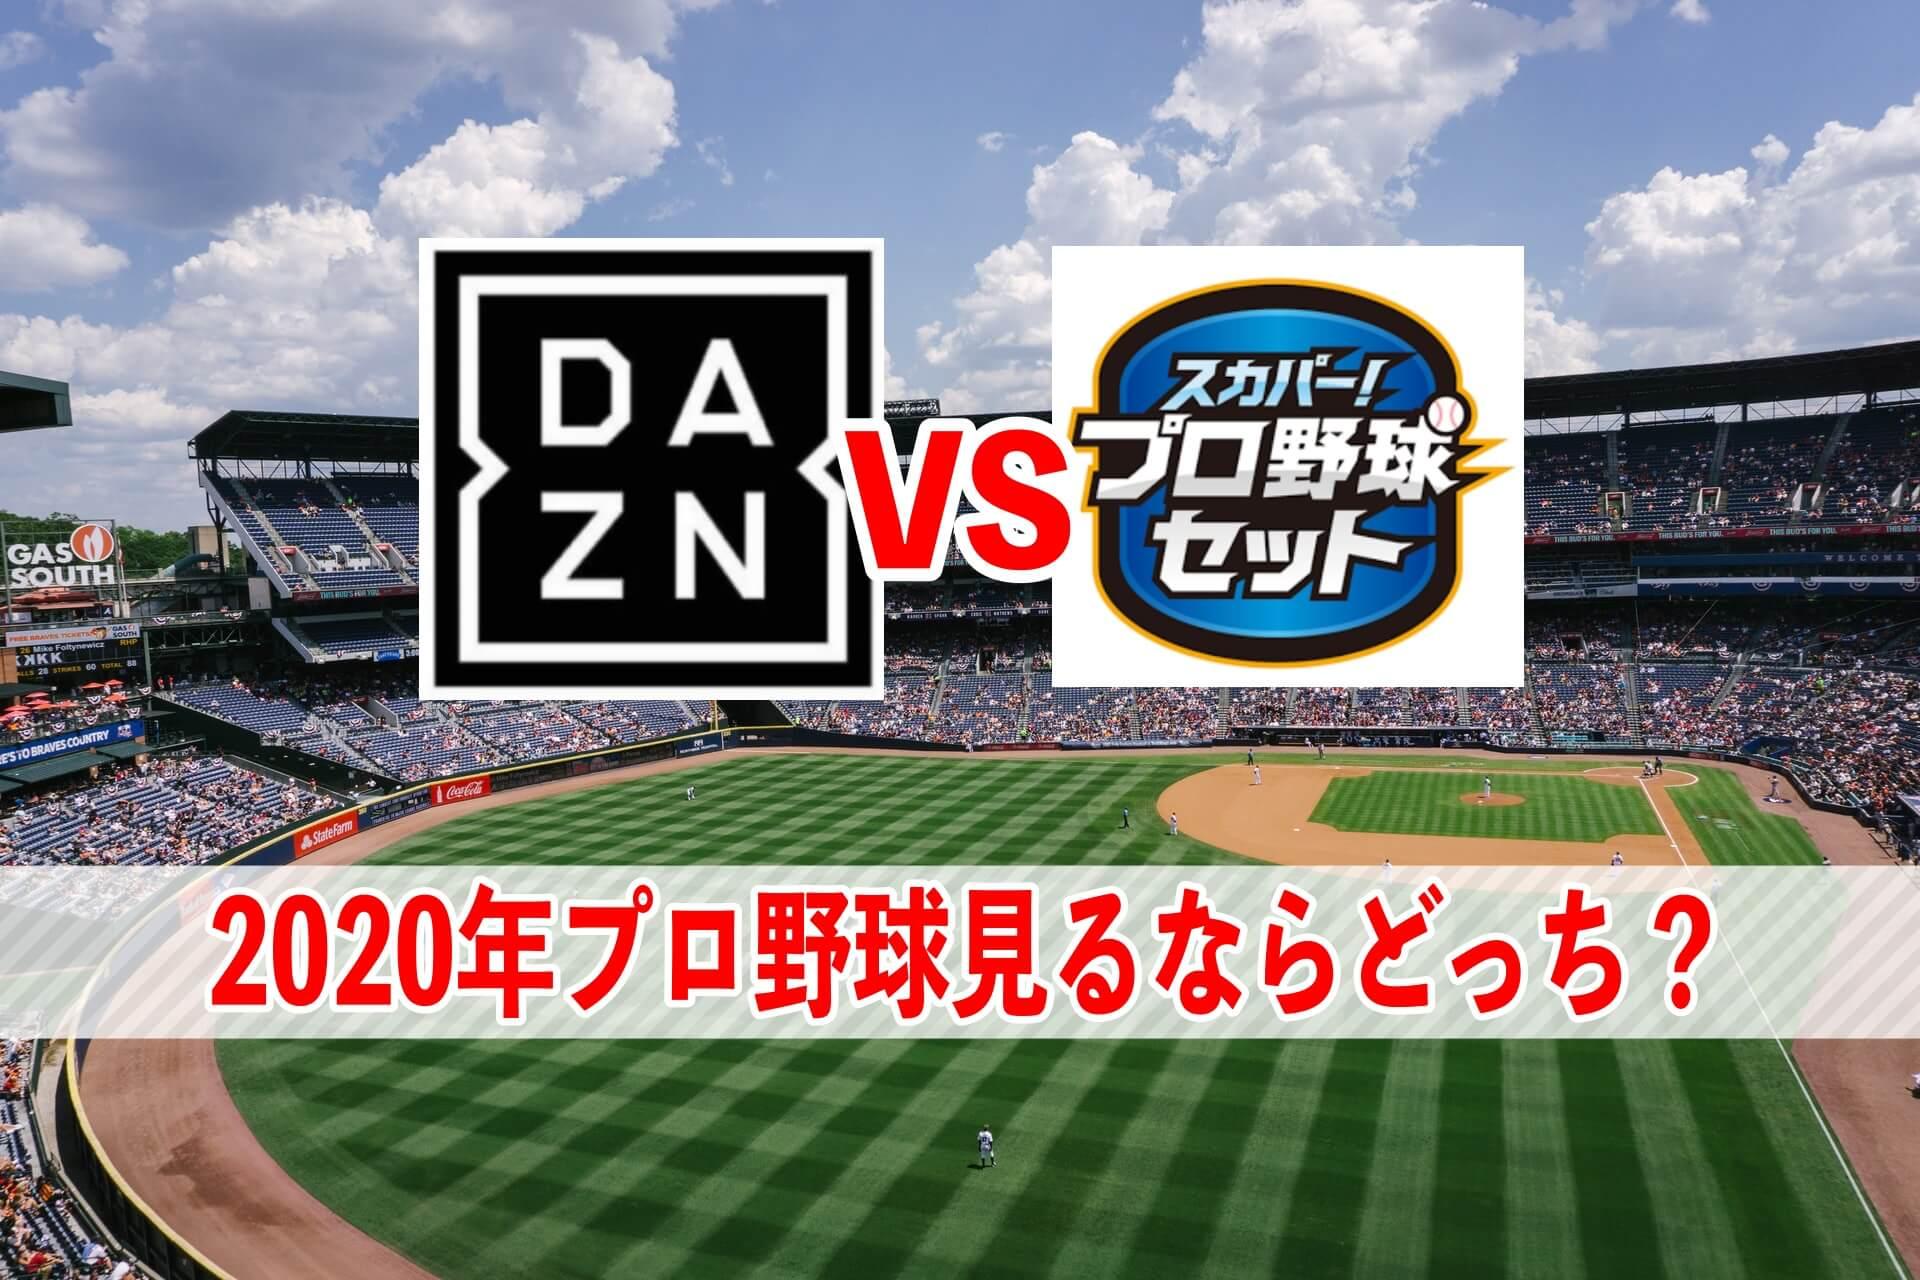 プロ野球(2020年)見るならDAZN?スカパー?【元スポ新聞記者が解説】